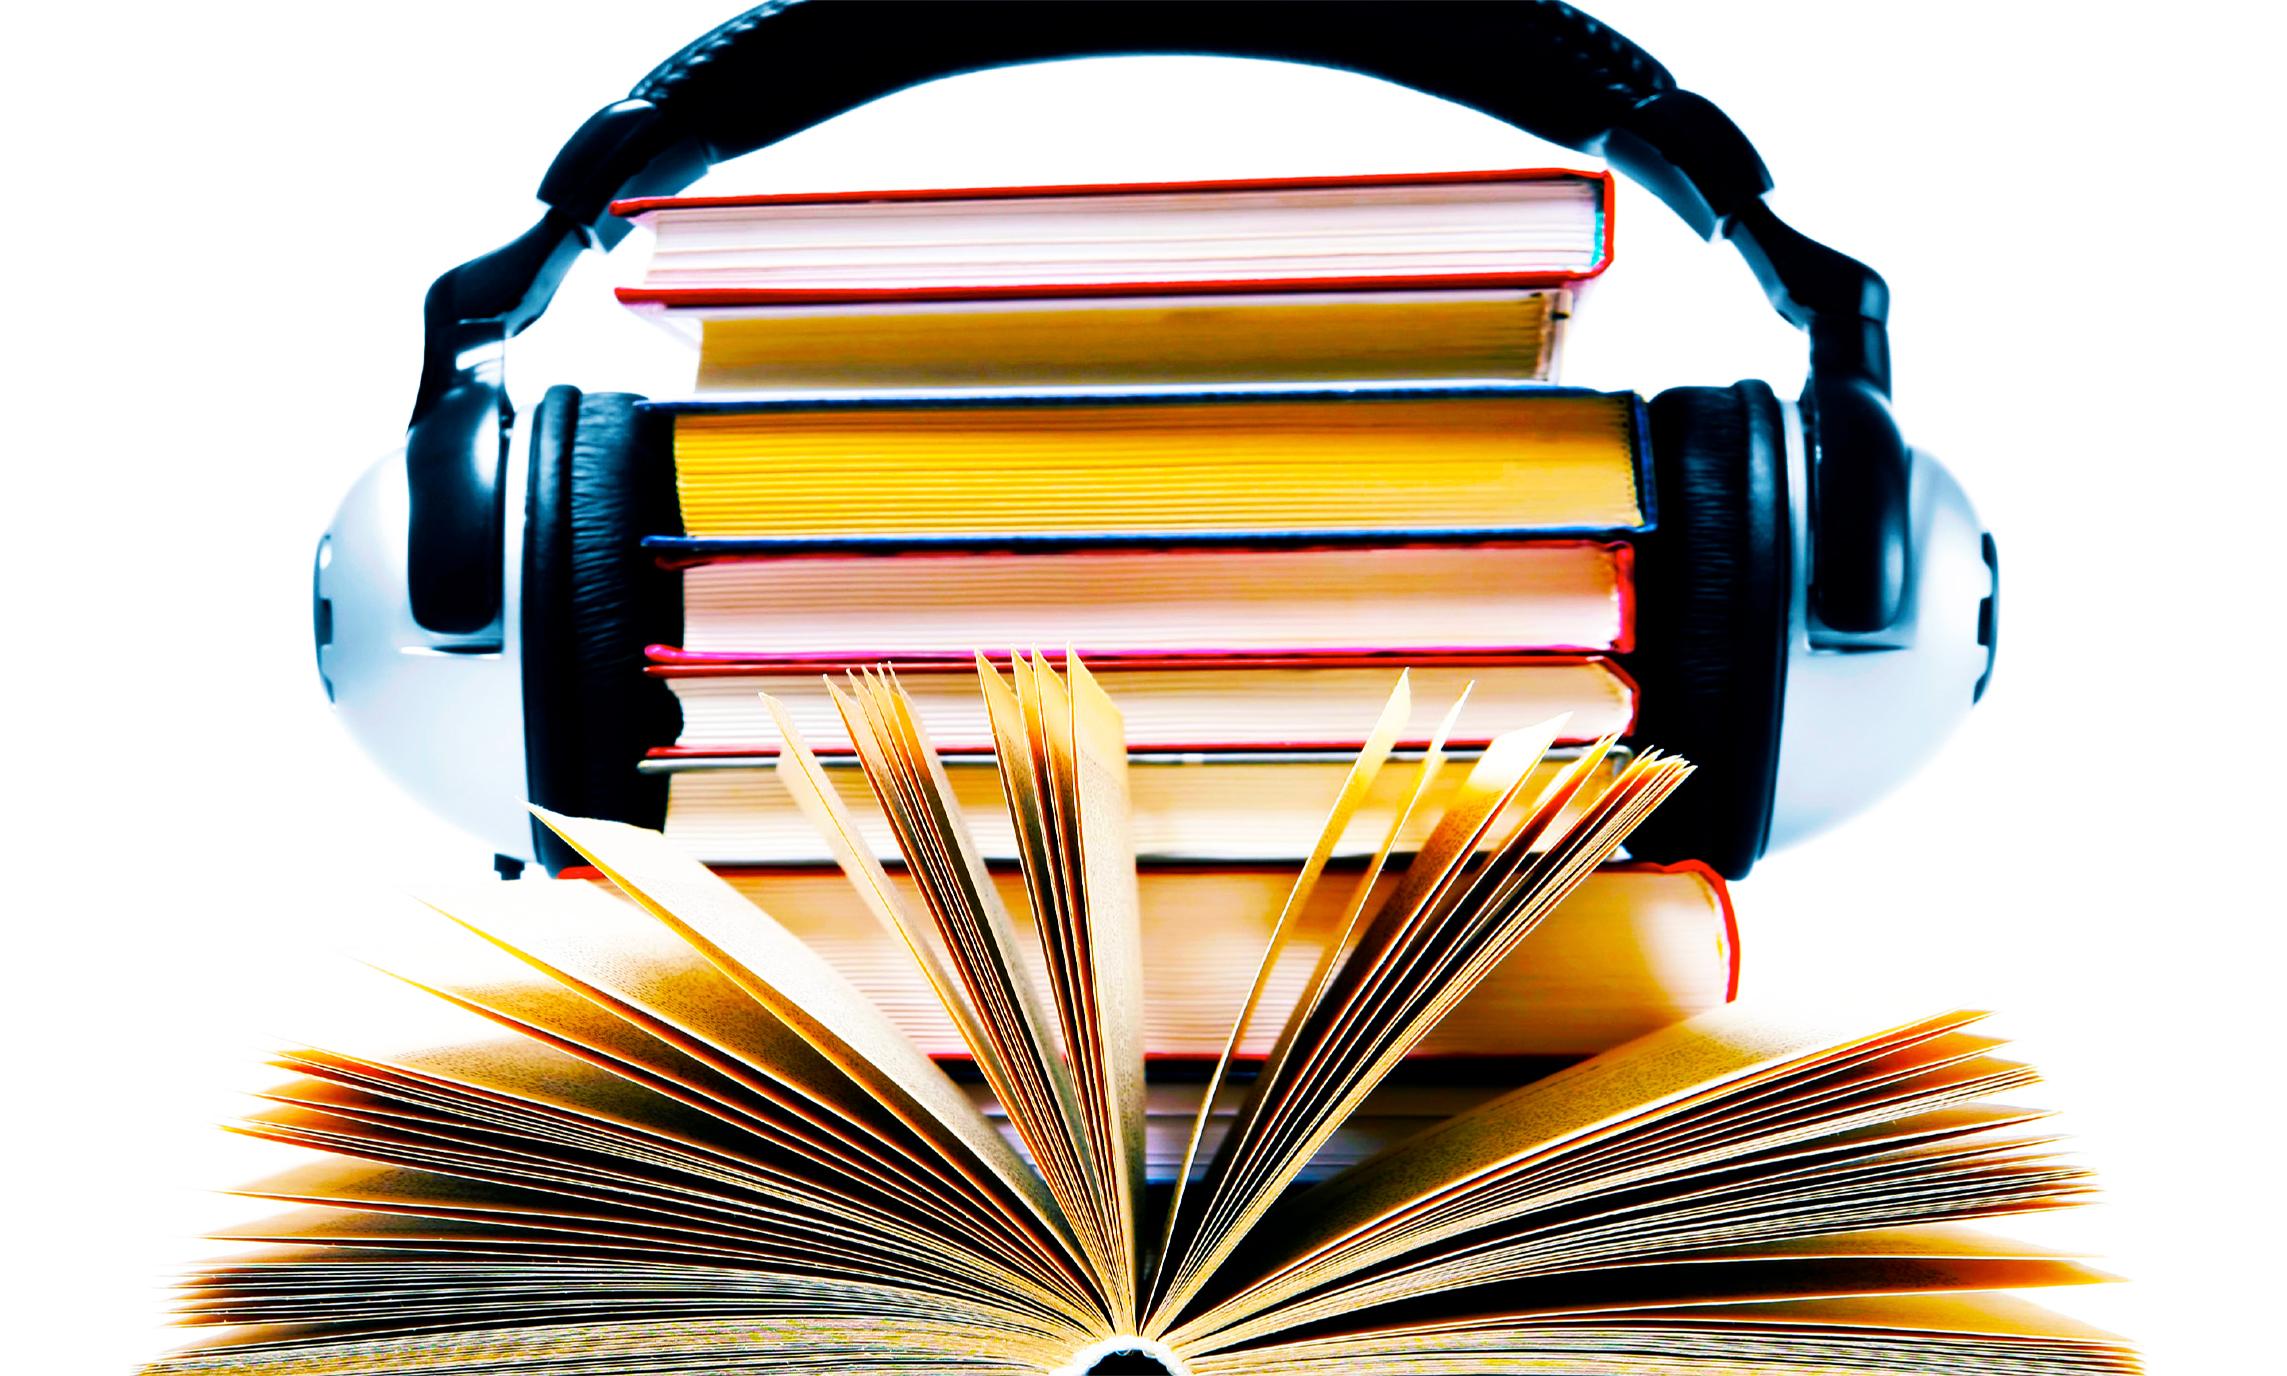 Вінничан запрошують долучитись до благодійної акції по озвученню книг, які зможуть слухати люди зі слабким зором